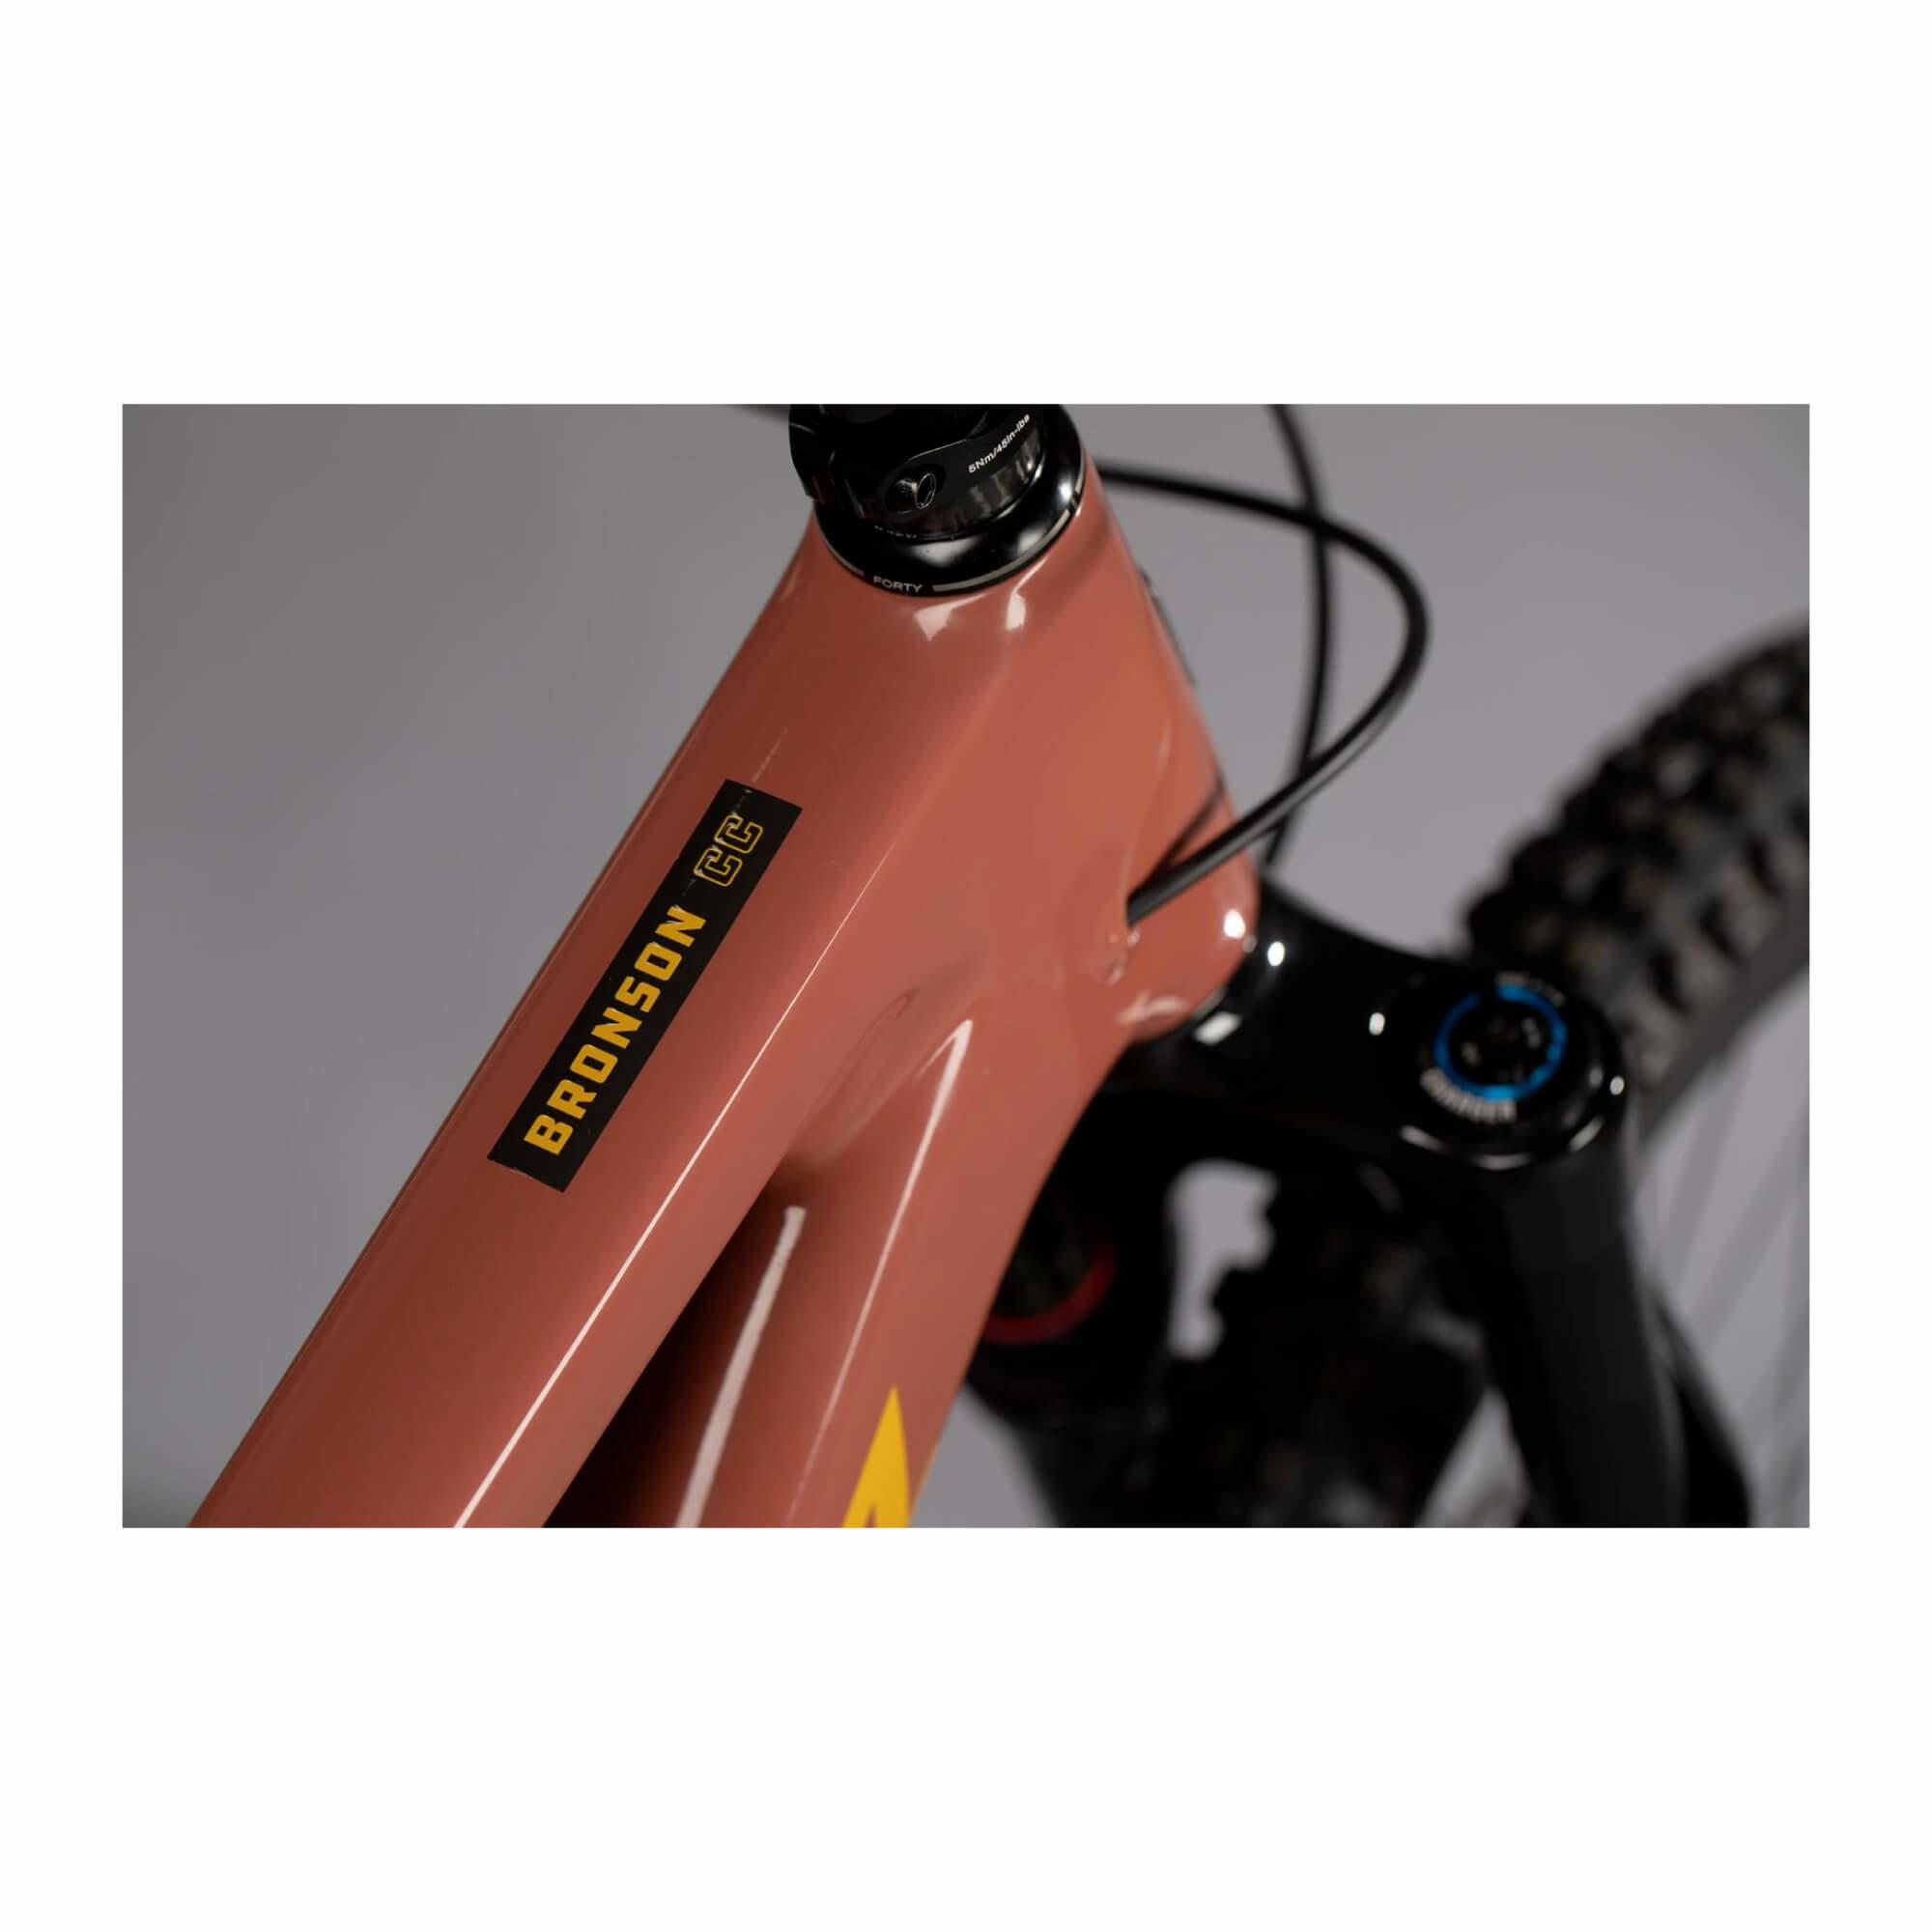 Bronson 3.0 C 27.5 S GX RS Lyrik Select + 160  2020-4